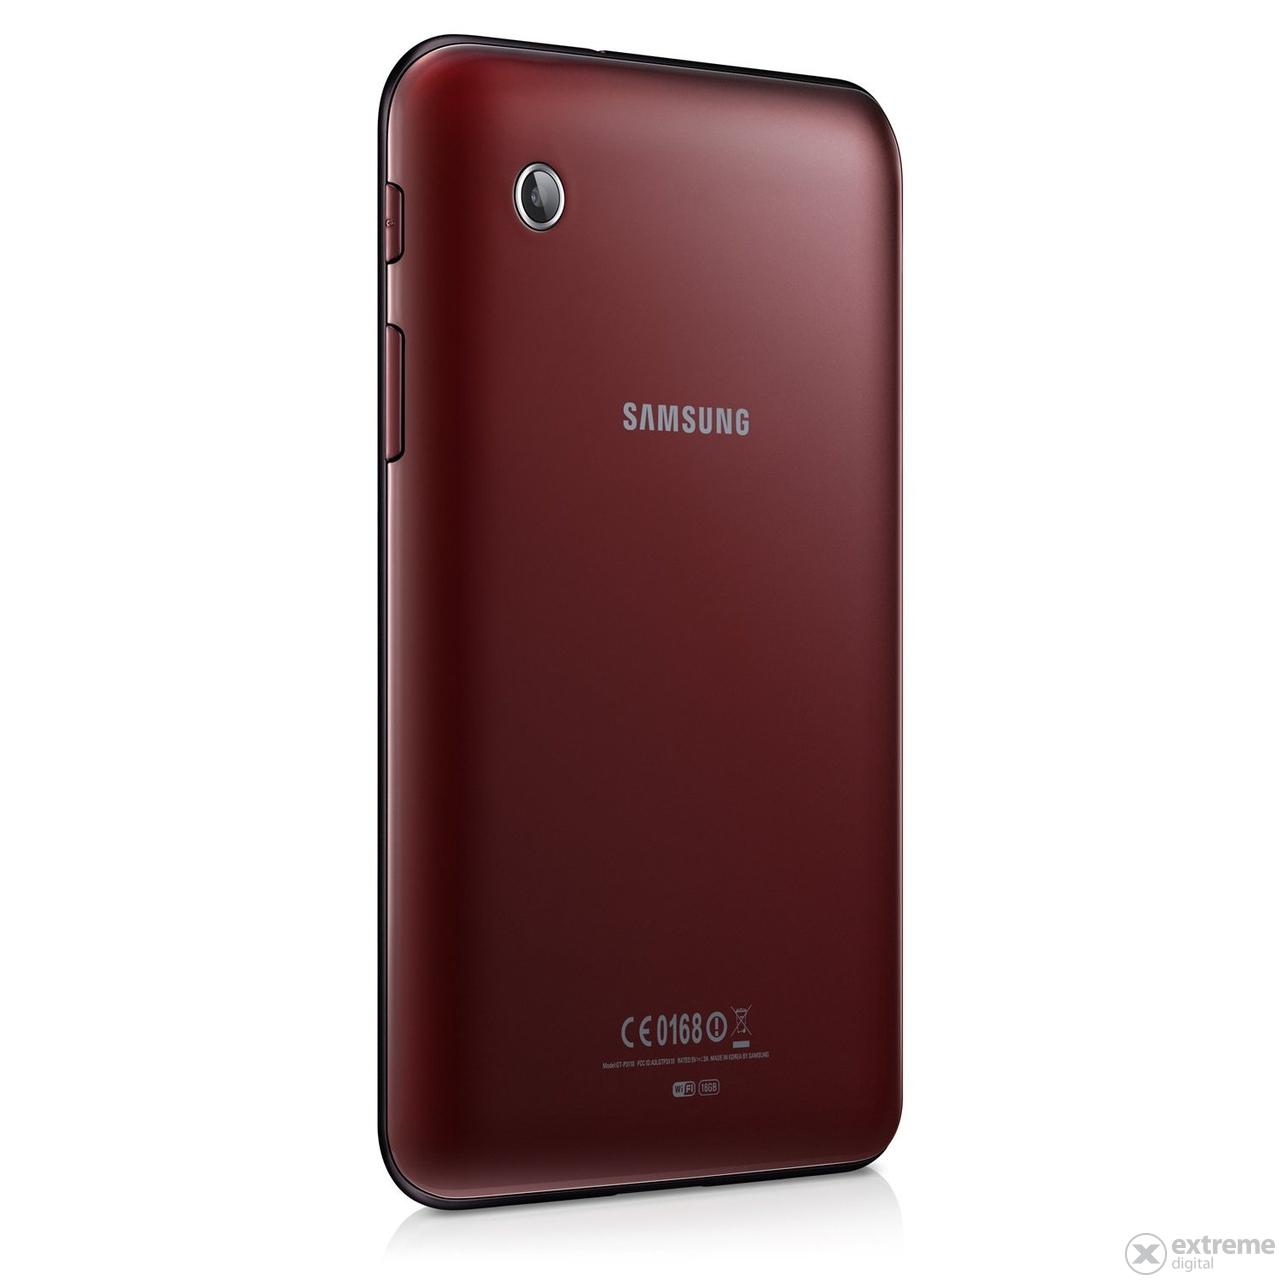 Samsung P3110 Galaxy Tab 2 70 WiFi 8GB Tablet Garnet Red